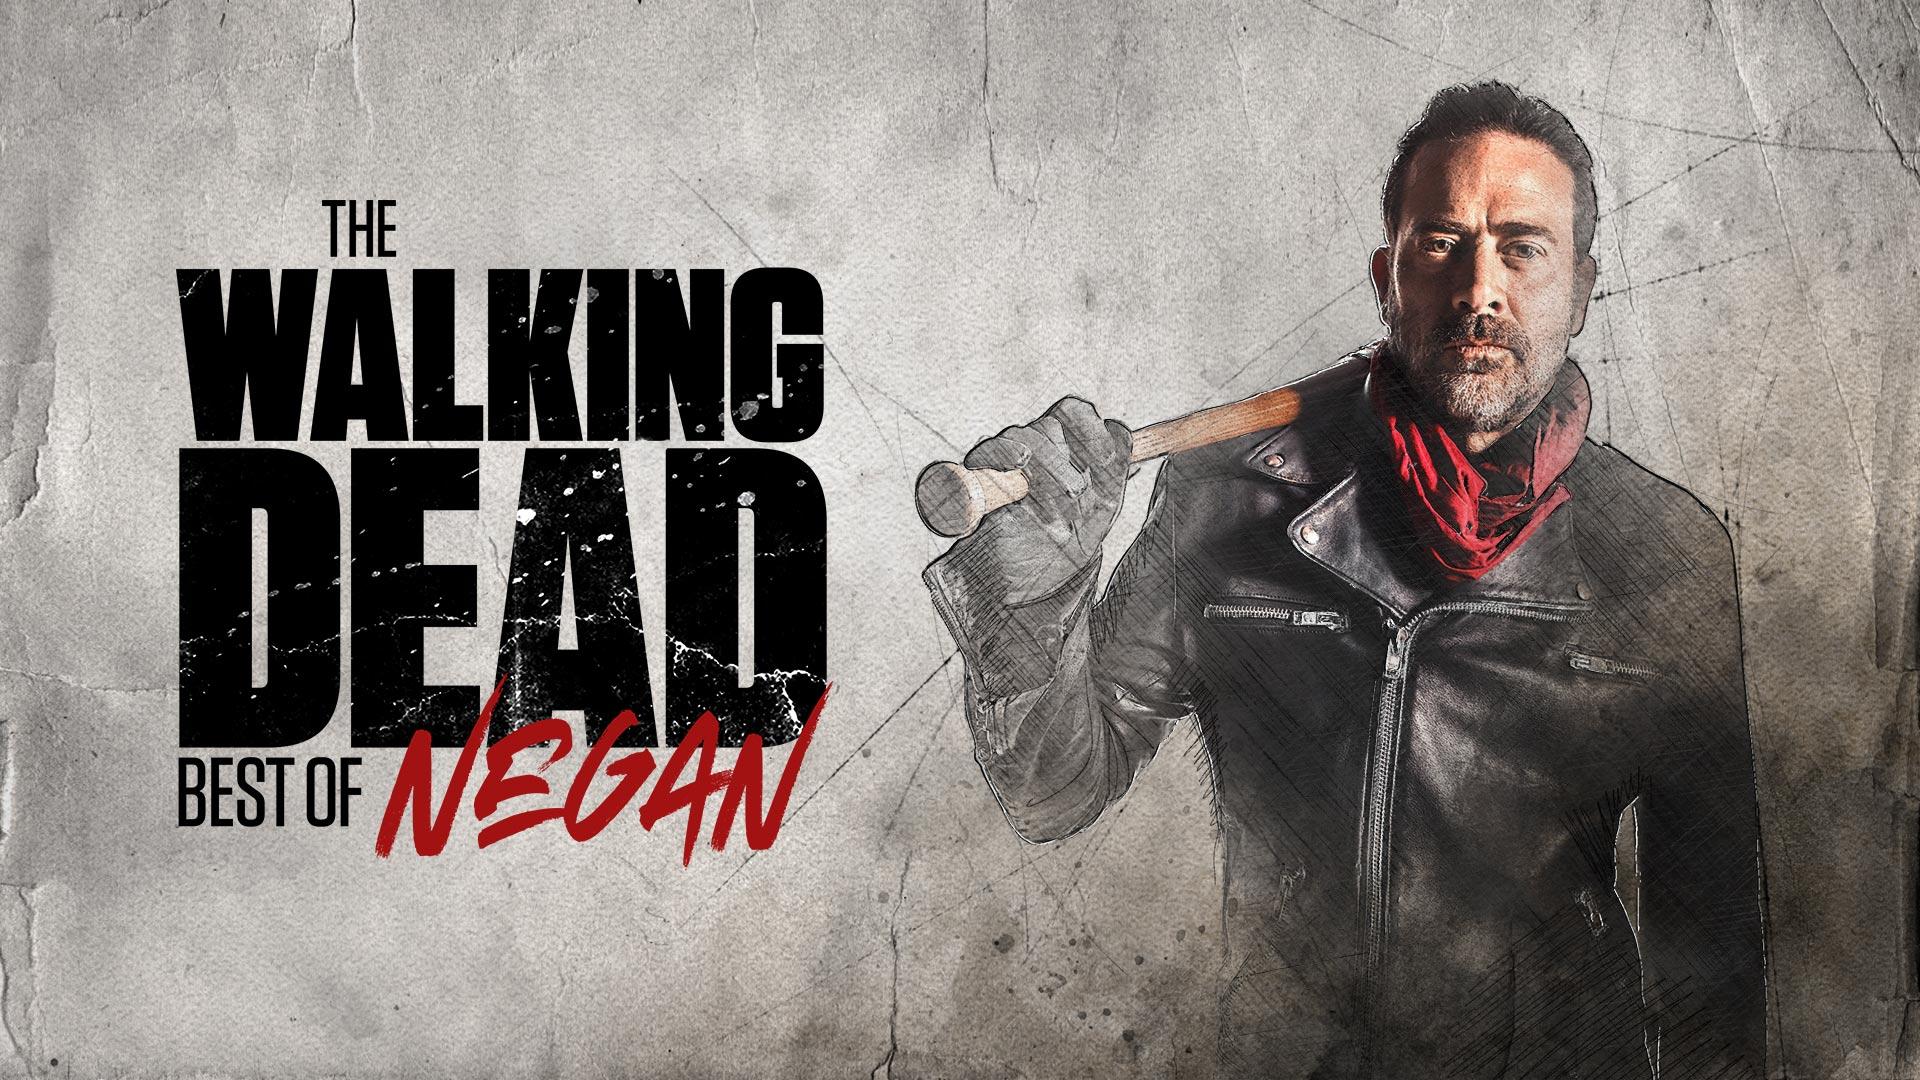 The Walking Dead: Best of Negan, Season 1